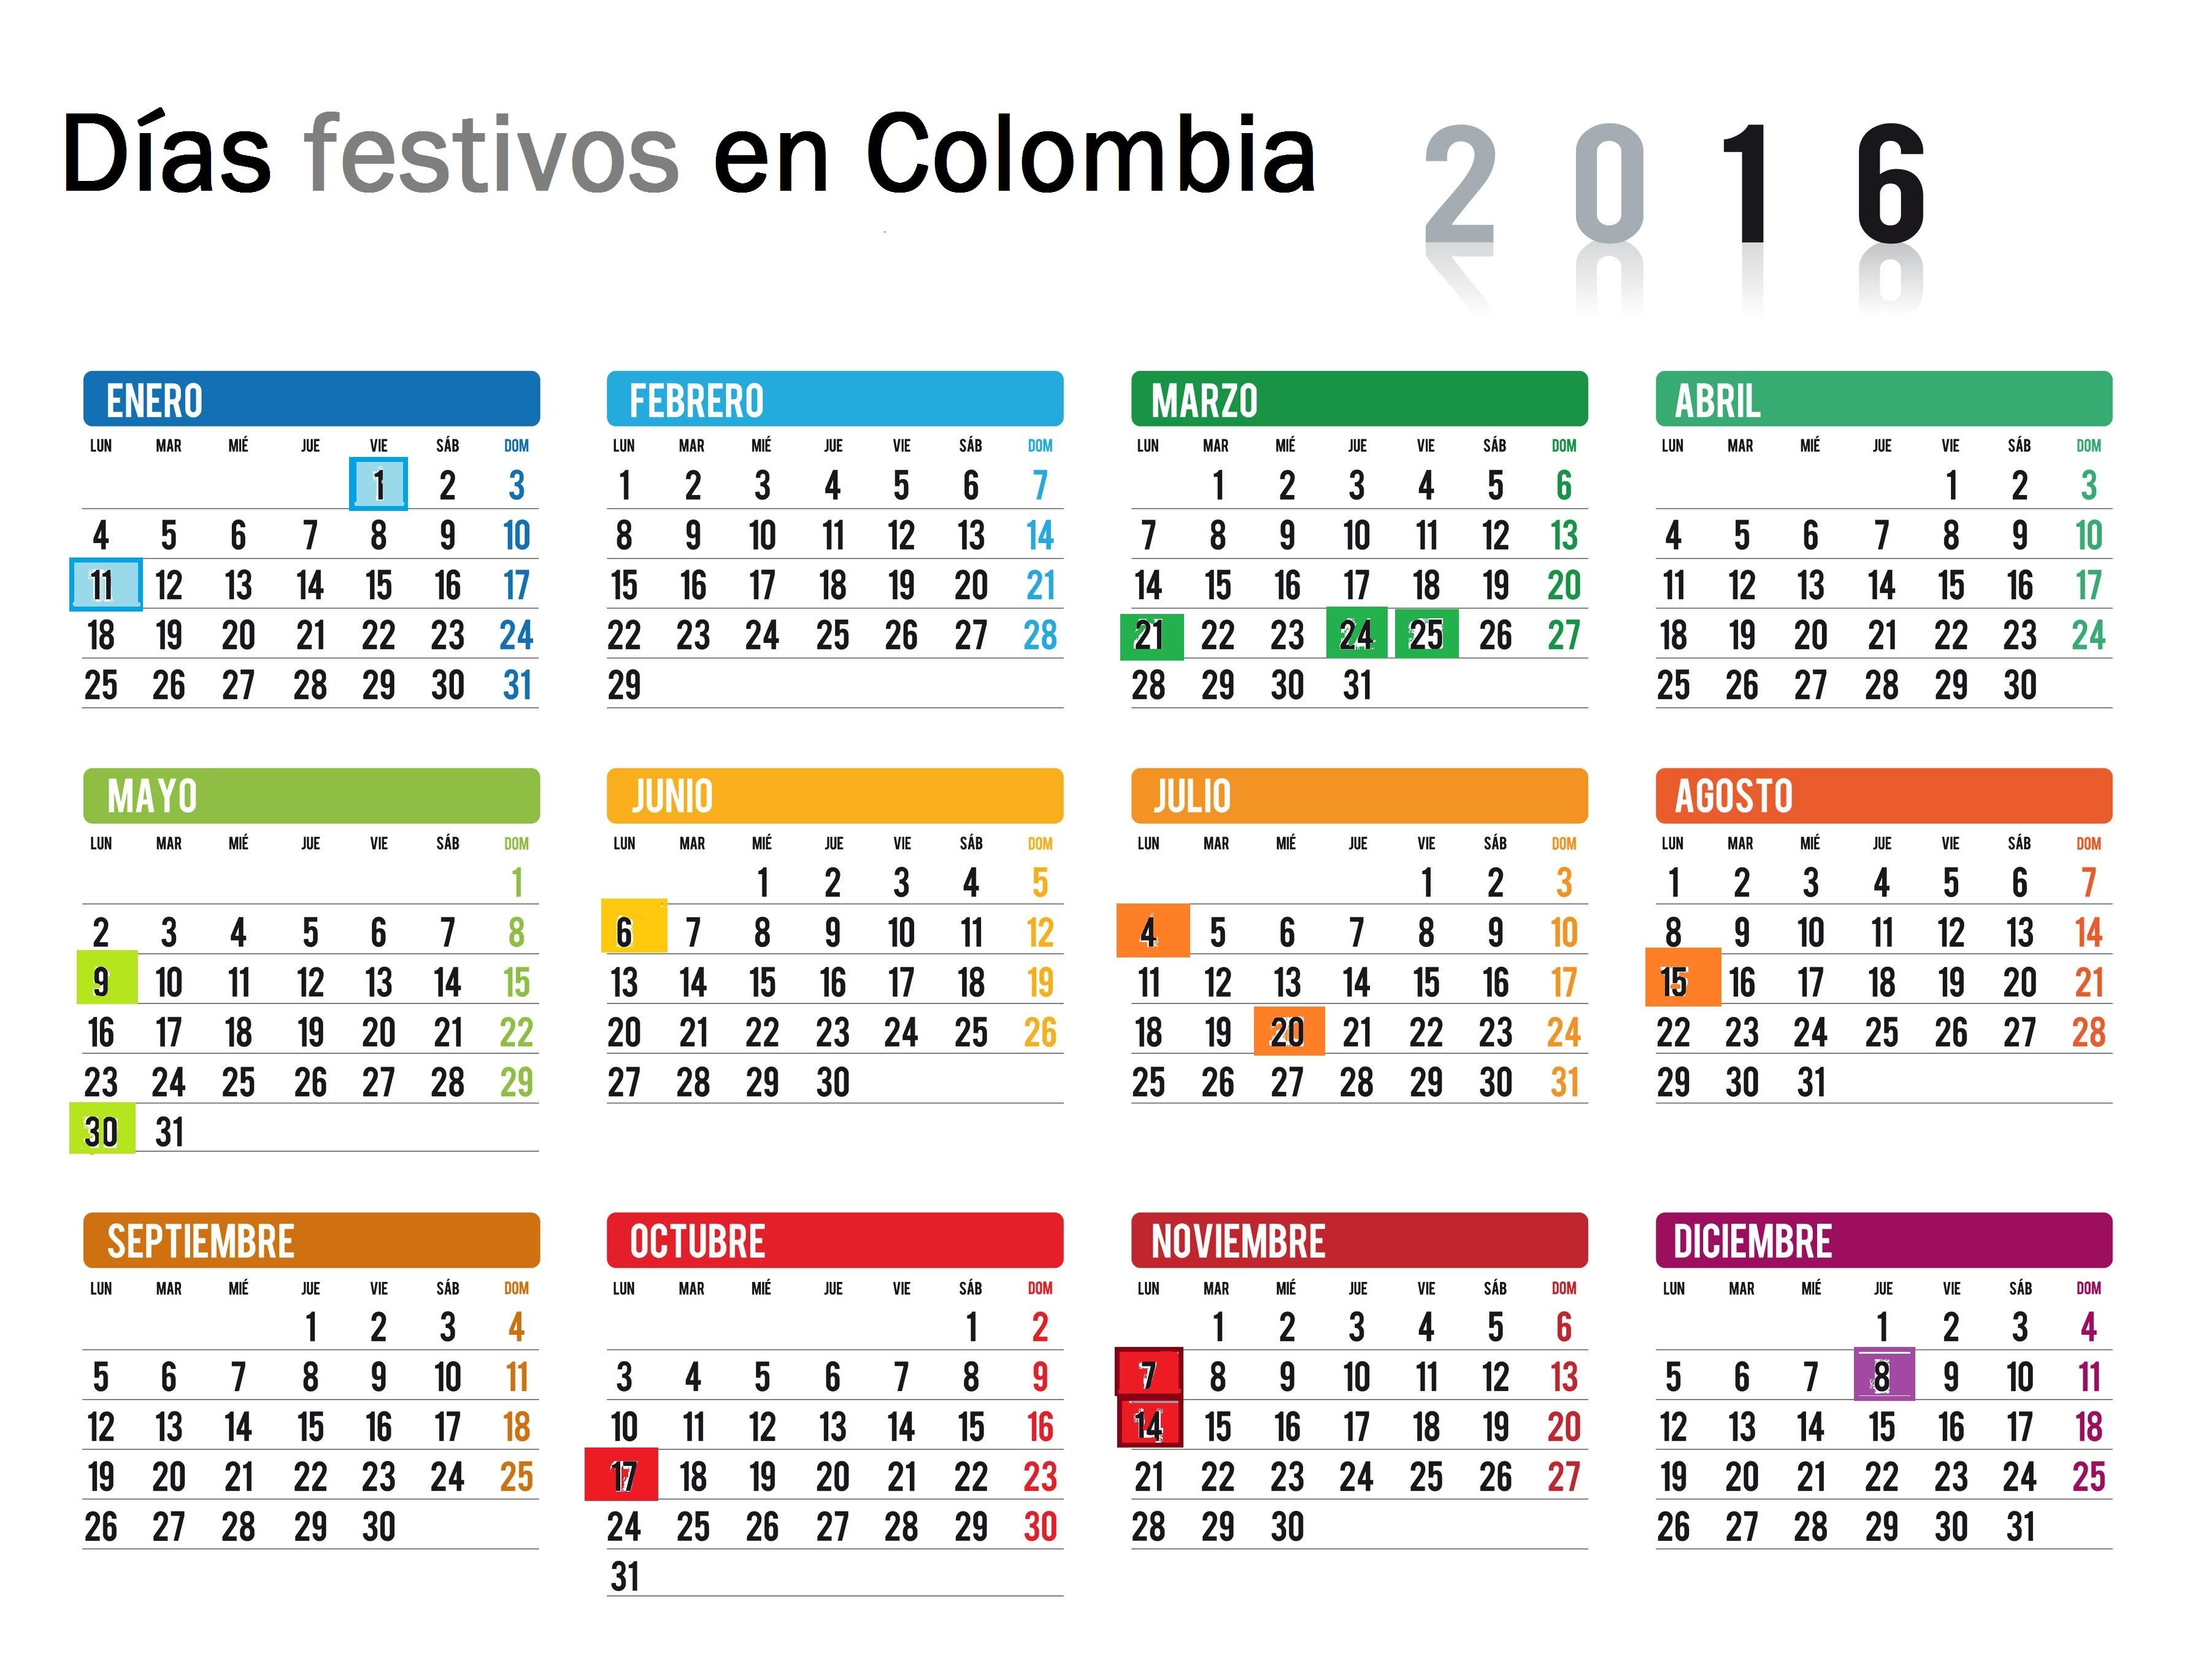 Calendario con festivos colombia 2016 semana santa 2016 for Calendario lunar 2016 colombia